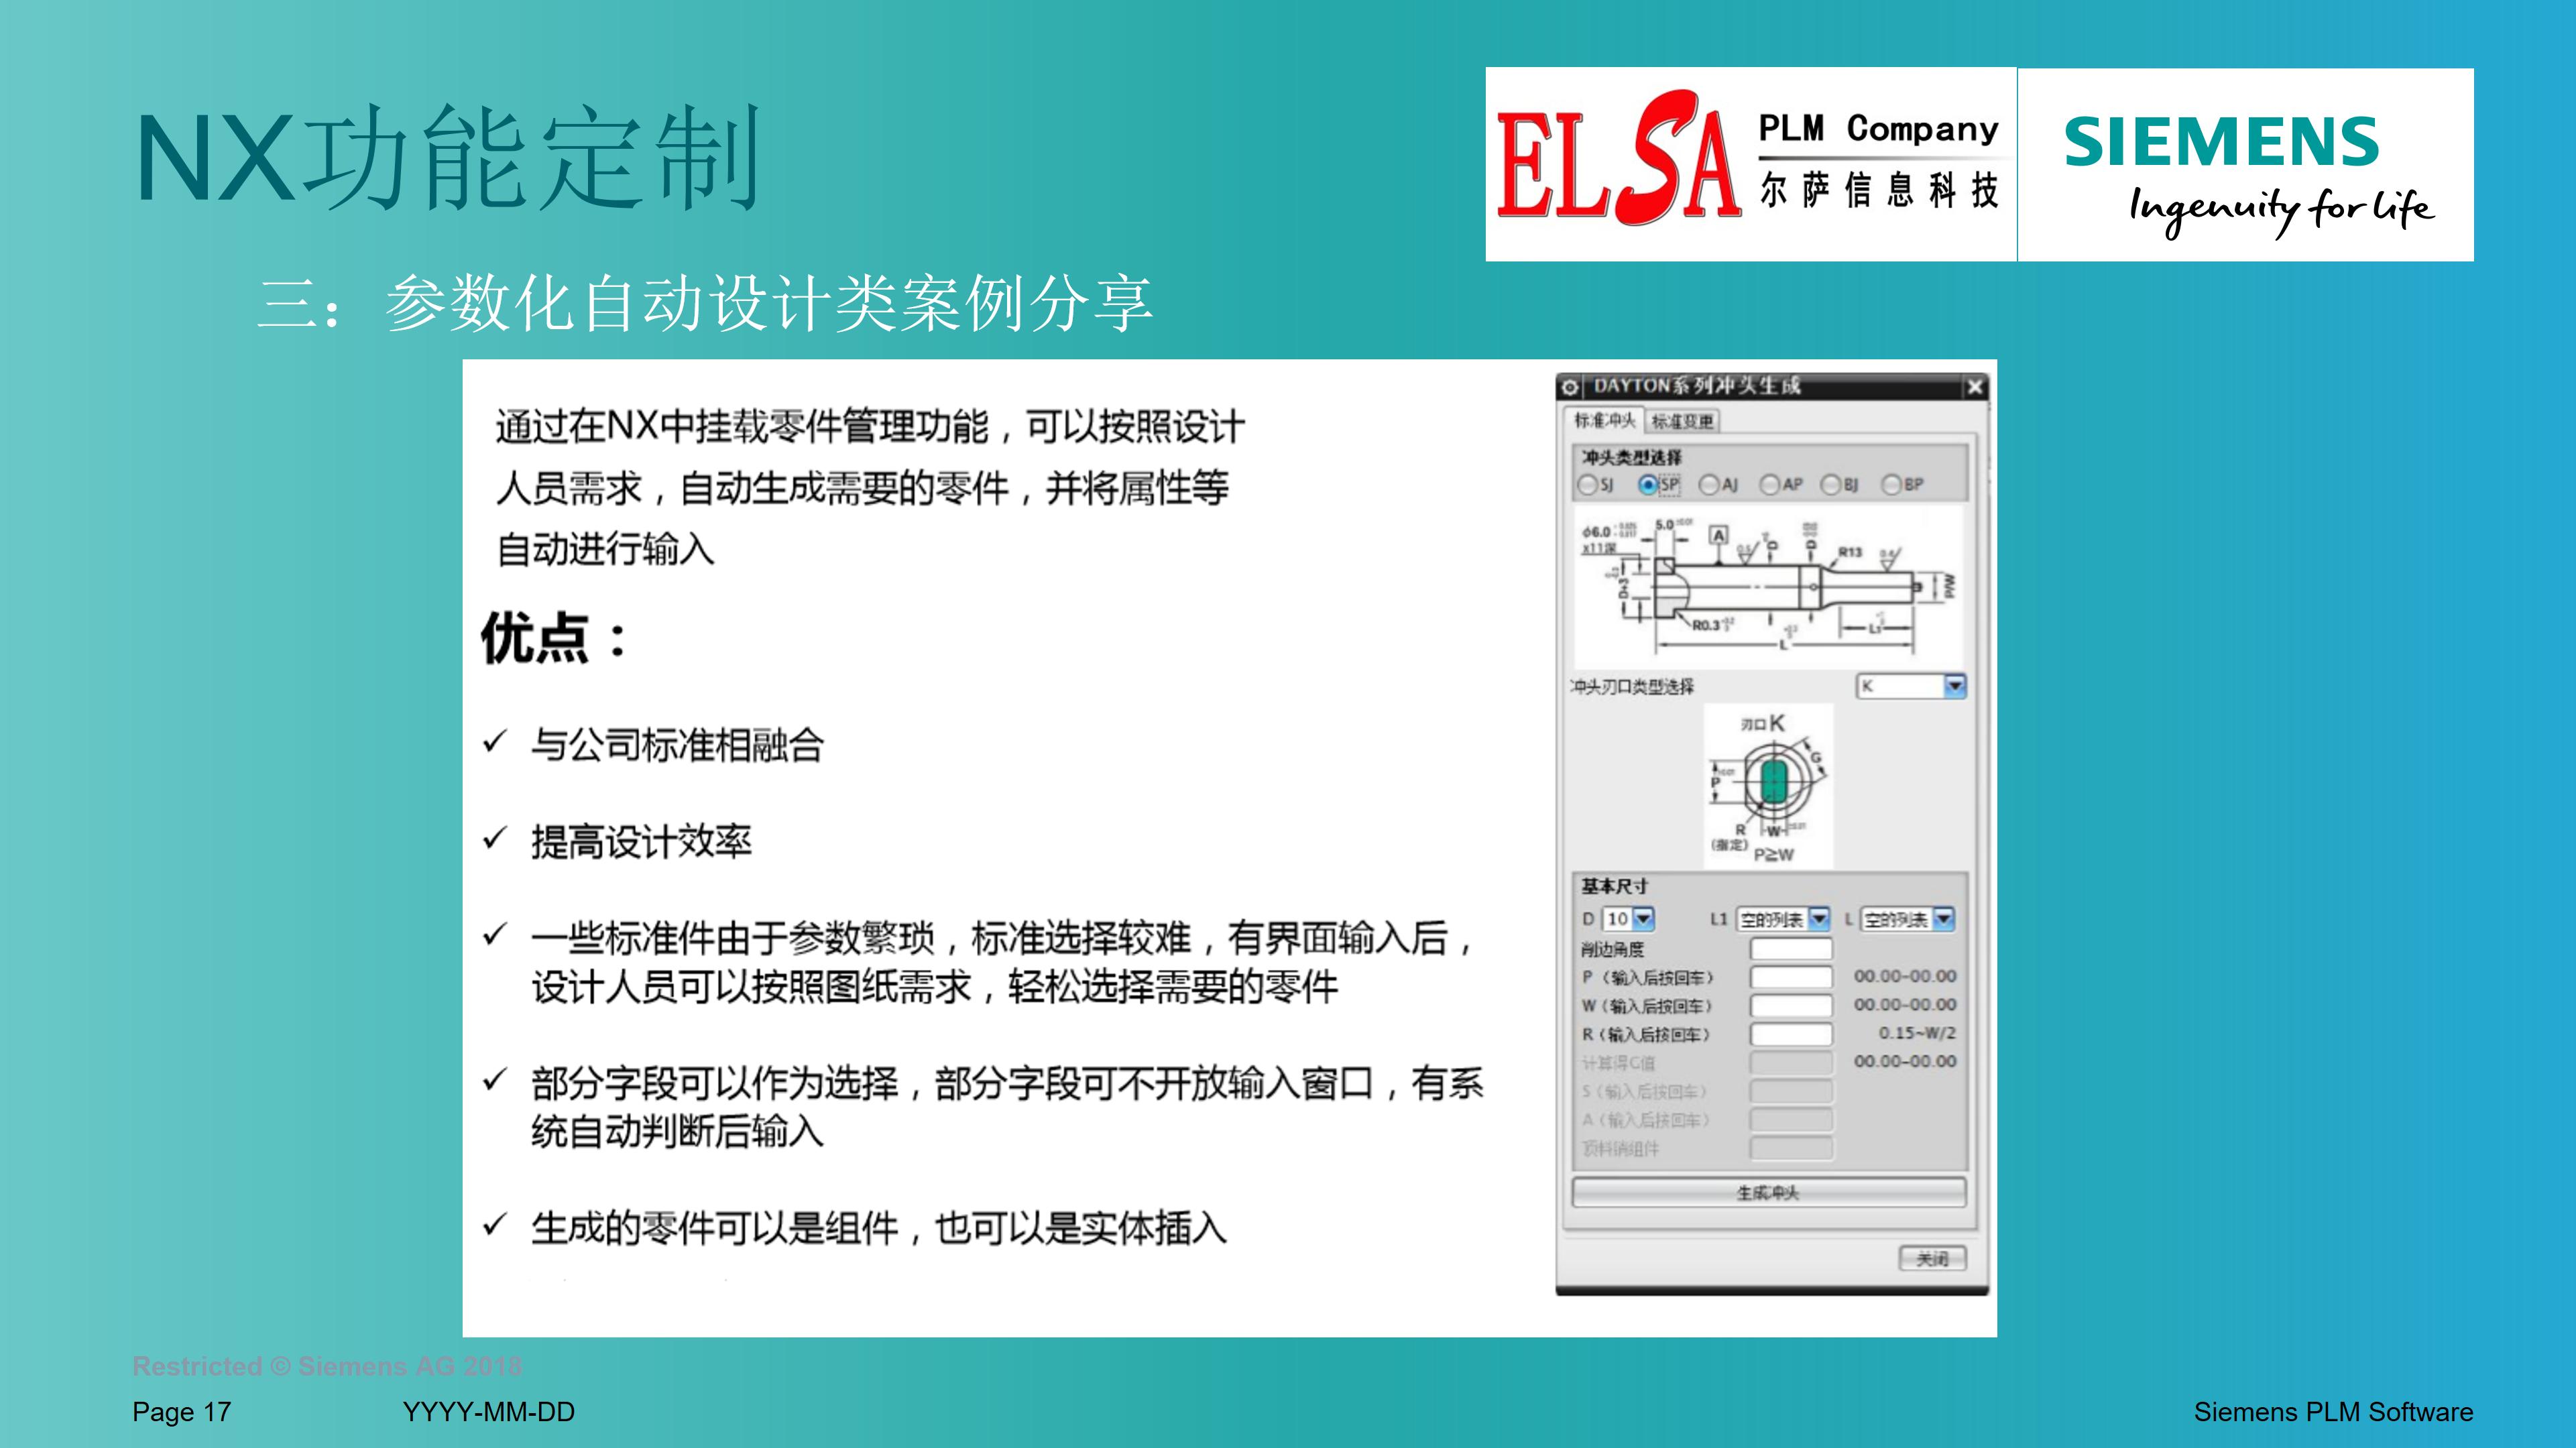 上海尔萨信息科技有限公司-技术业务介绍-上海尔萨信息科技有限公司-技术业务介绍_17